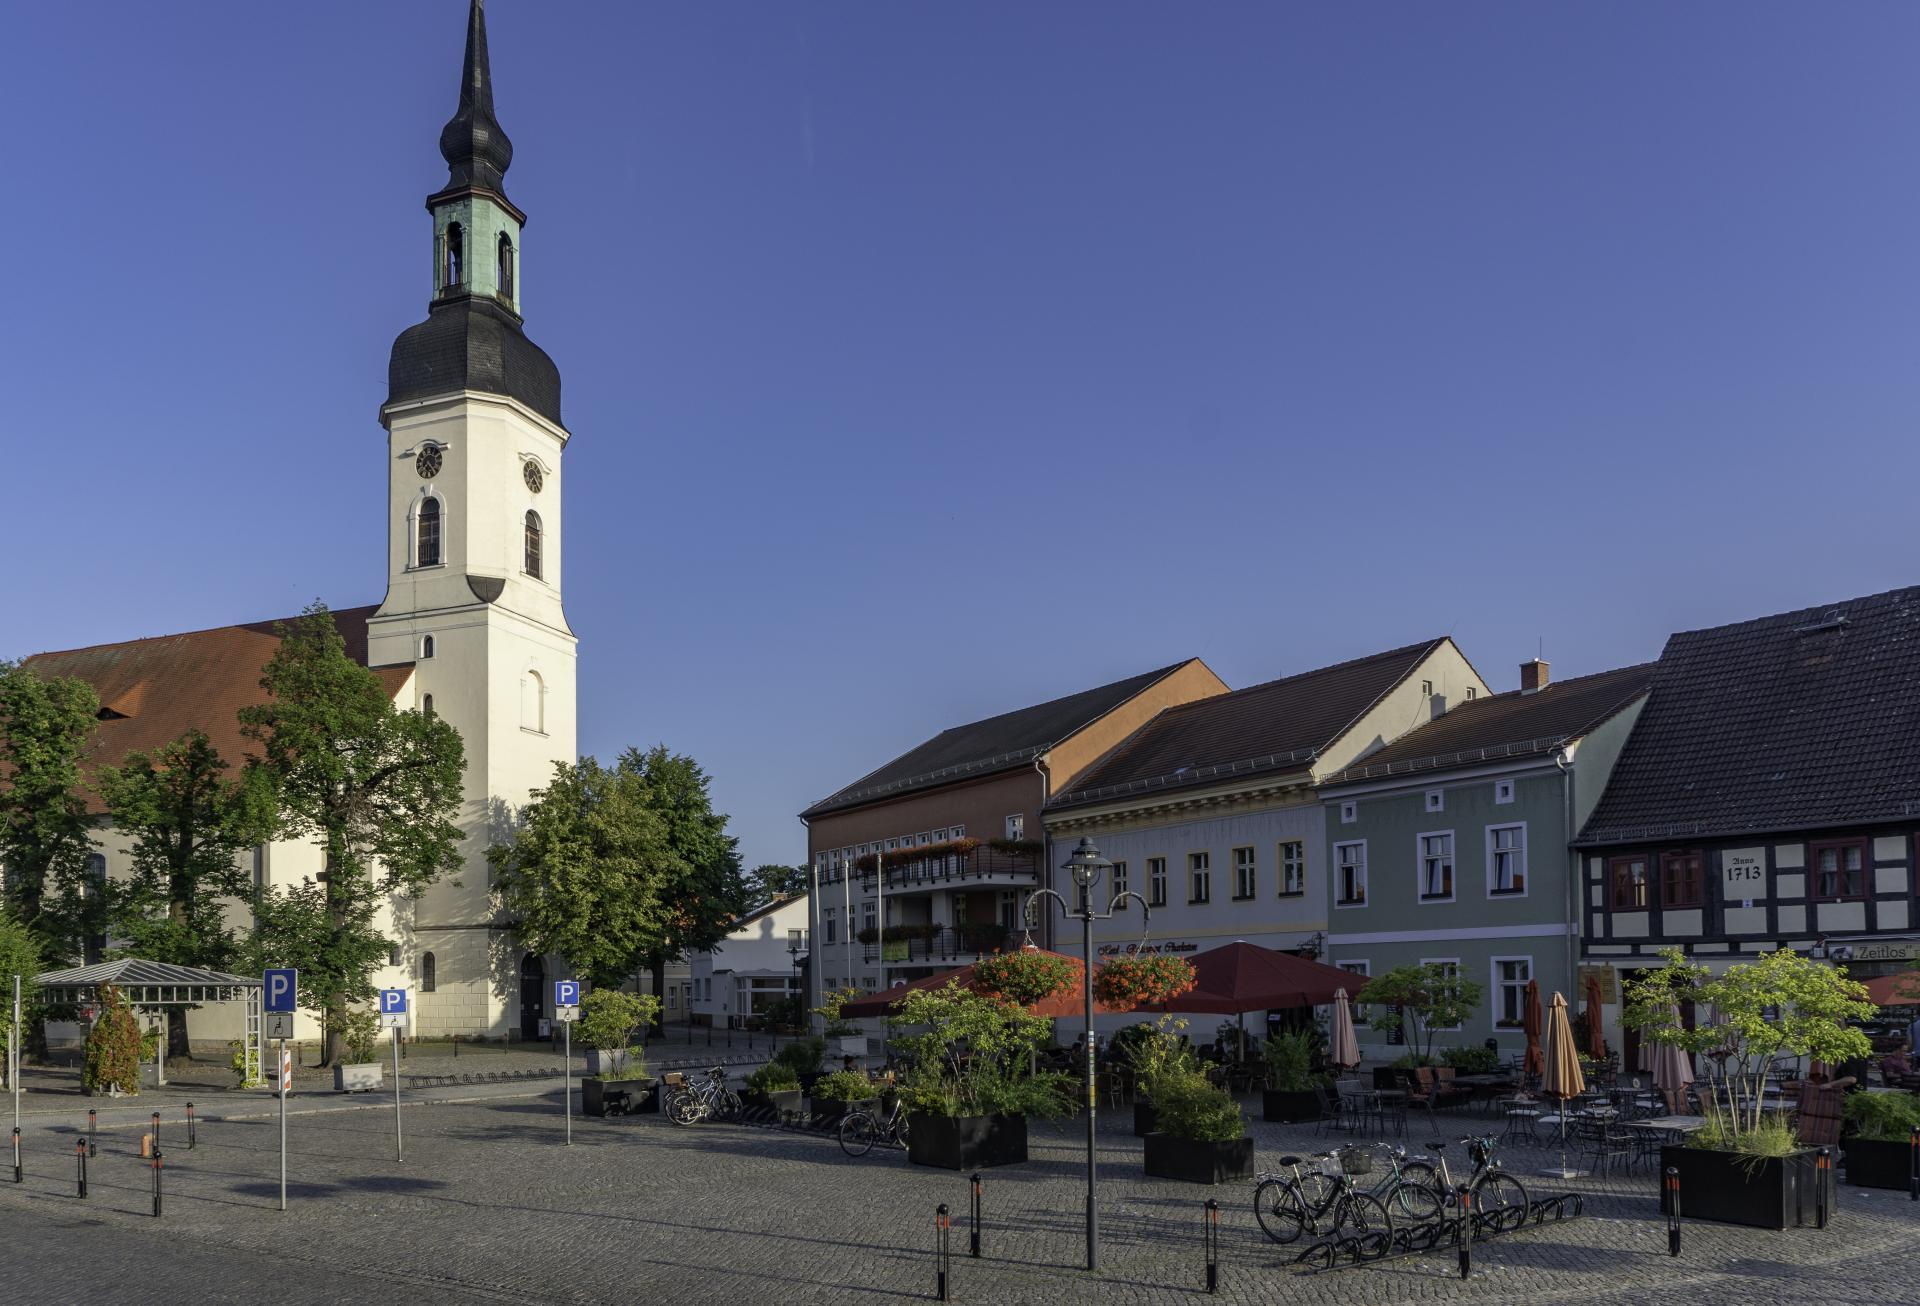 Der Marktplatz von Lübbenau/Spreewald, Quelle: Foto von Peter Becker